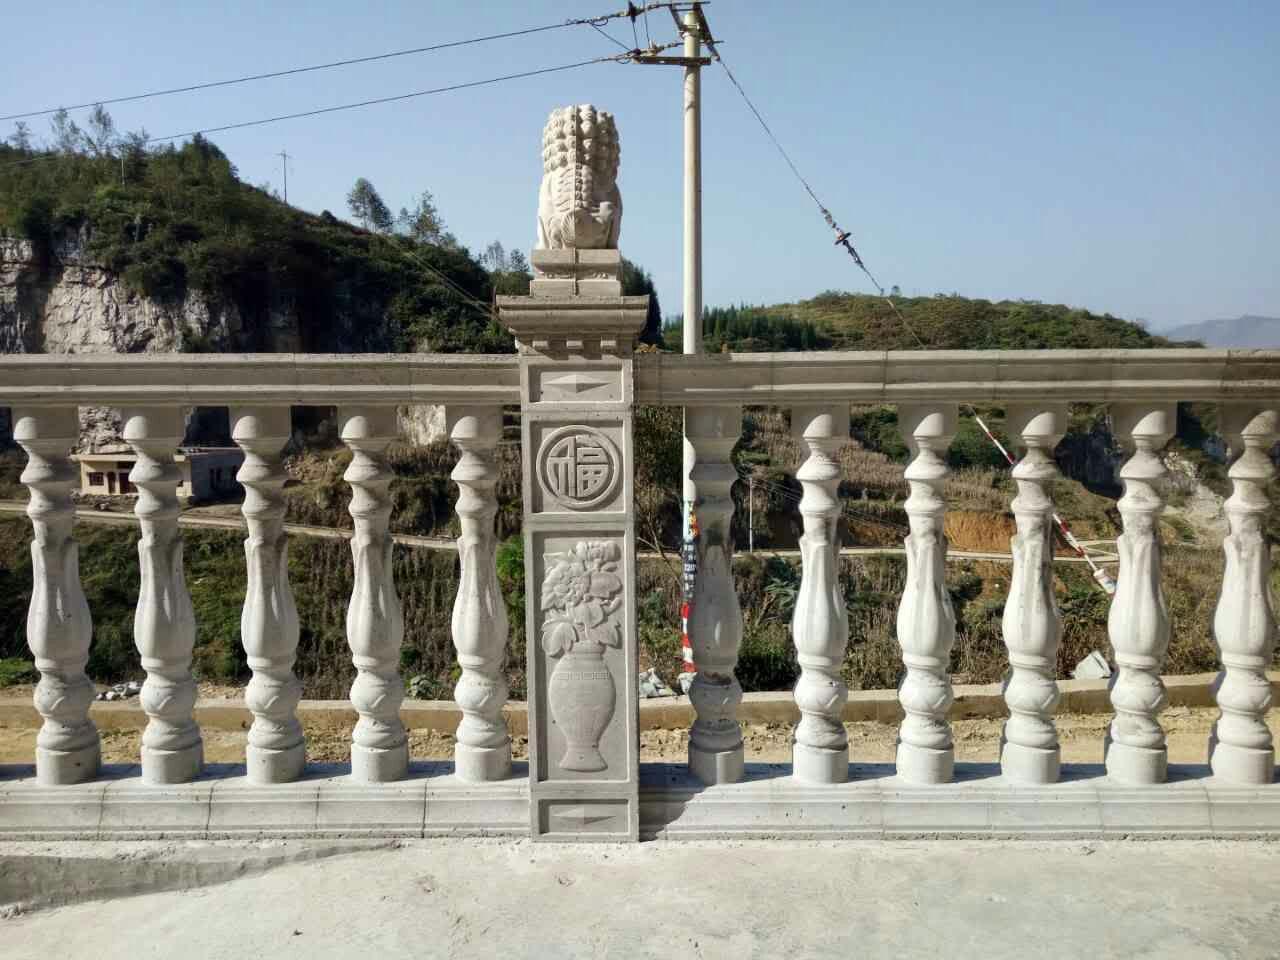 云南澳门百家樂网站狮子柱头阳台花瓶柱